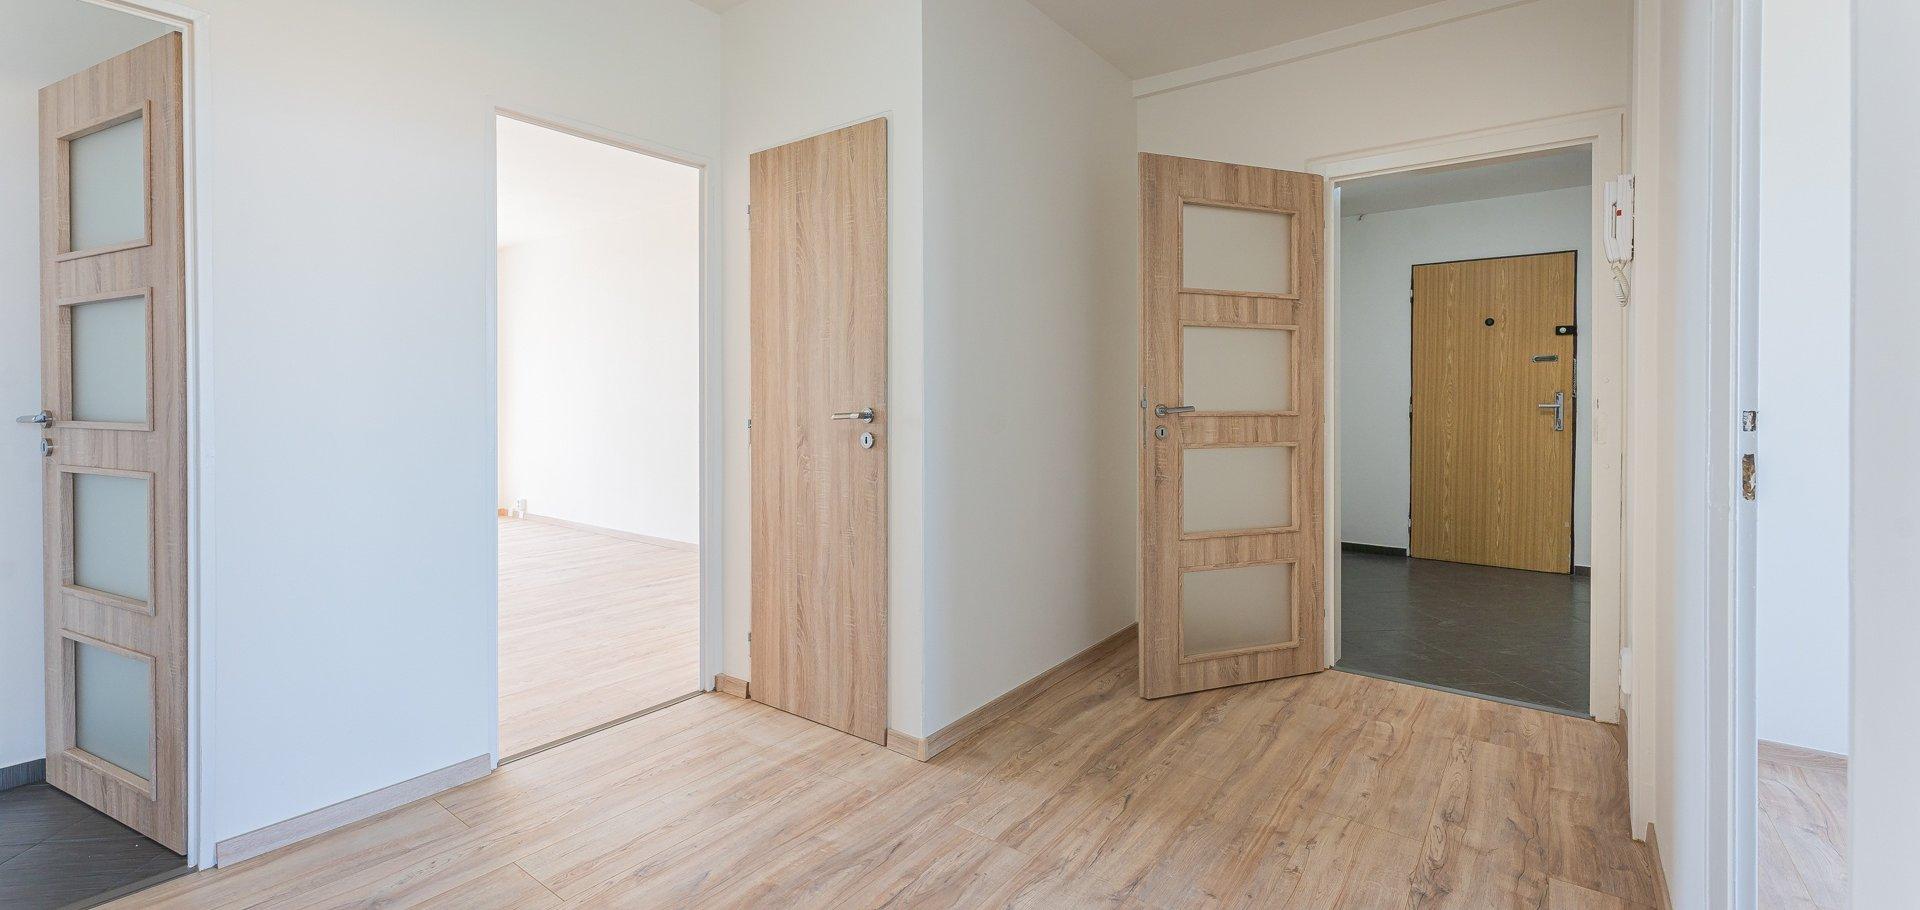 Prodej družstevního bytu 3+1, 87m2, Praha - Černý Most